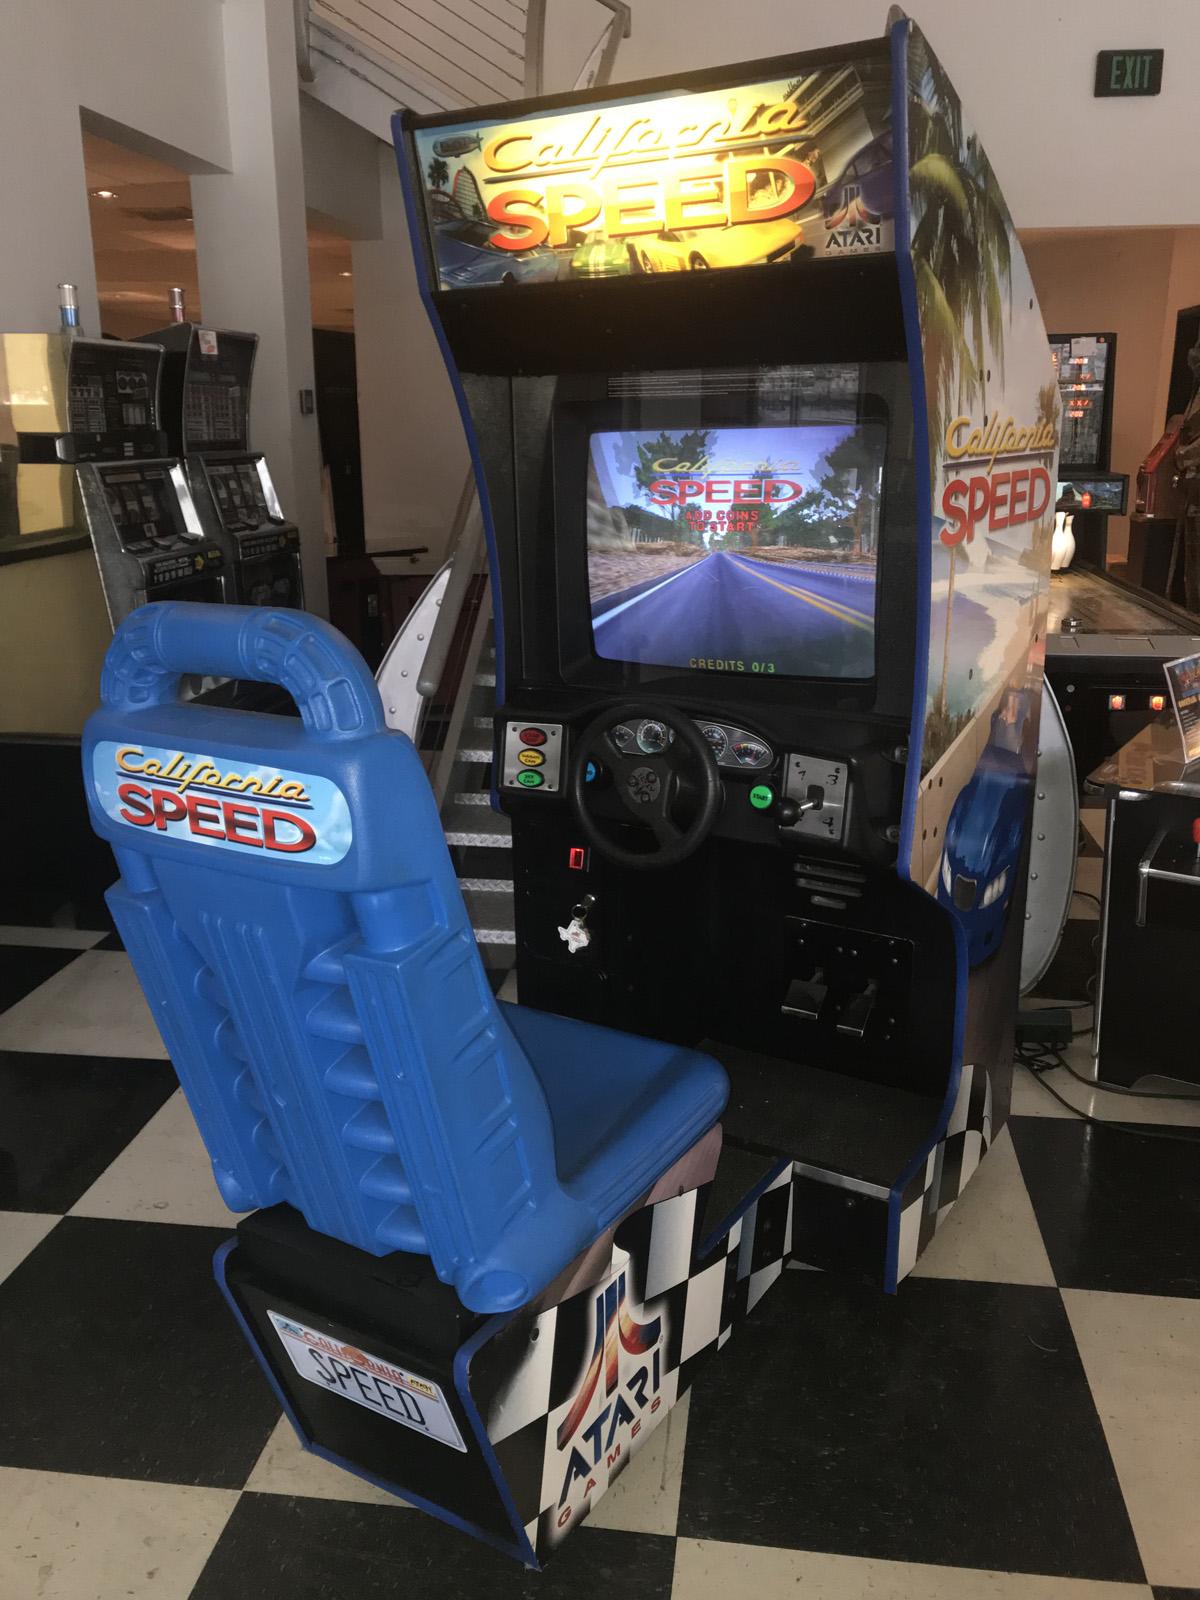 Arcade Games Fun